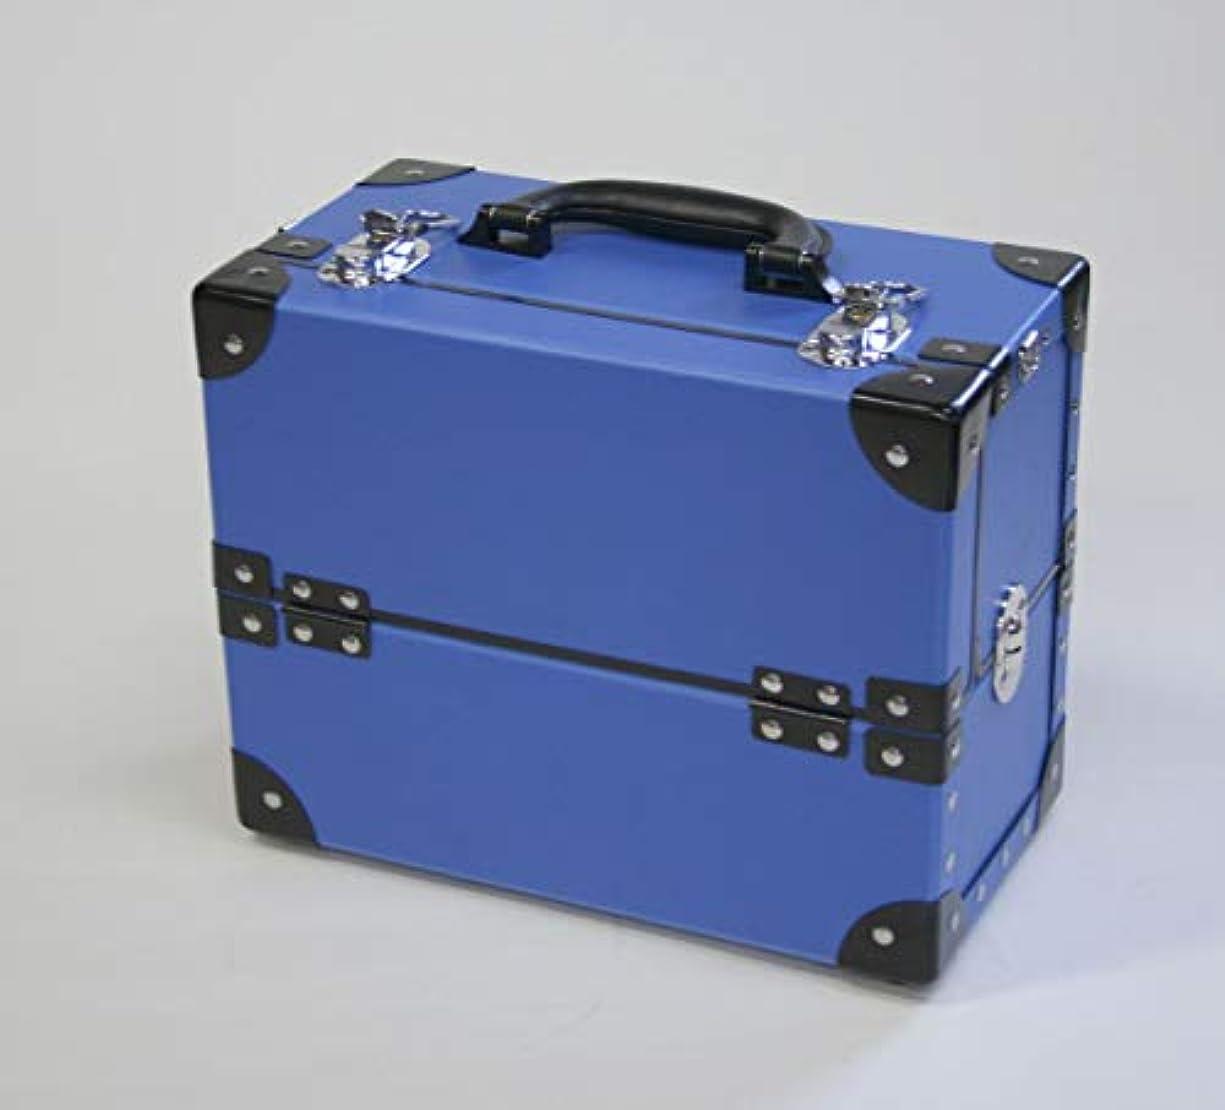 イベント番目上向きメイクボックス|HZ002BD-2(002BE-2)|軽量タイプ|コスメボックス 化粧箱 メイクアップボックス|Make box MAKE UP BOX (ブルー)